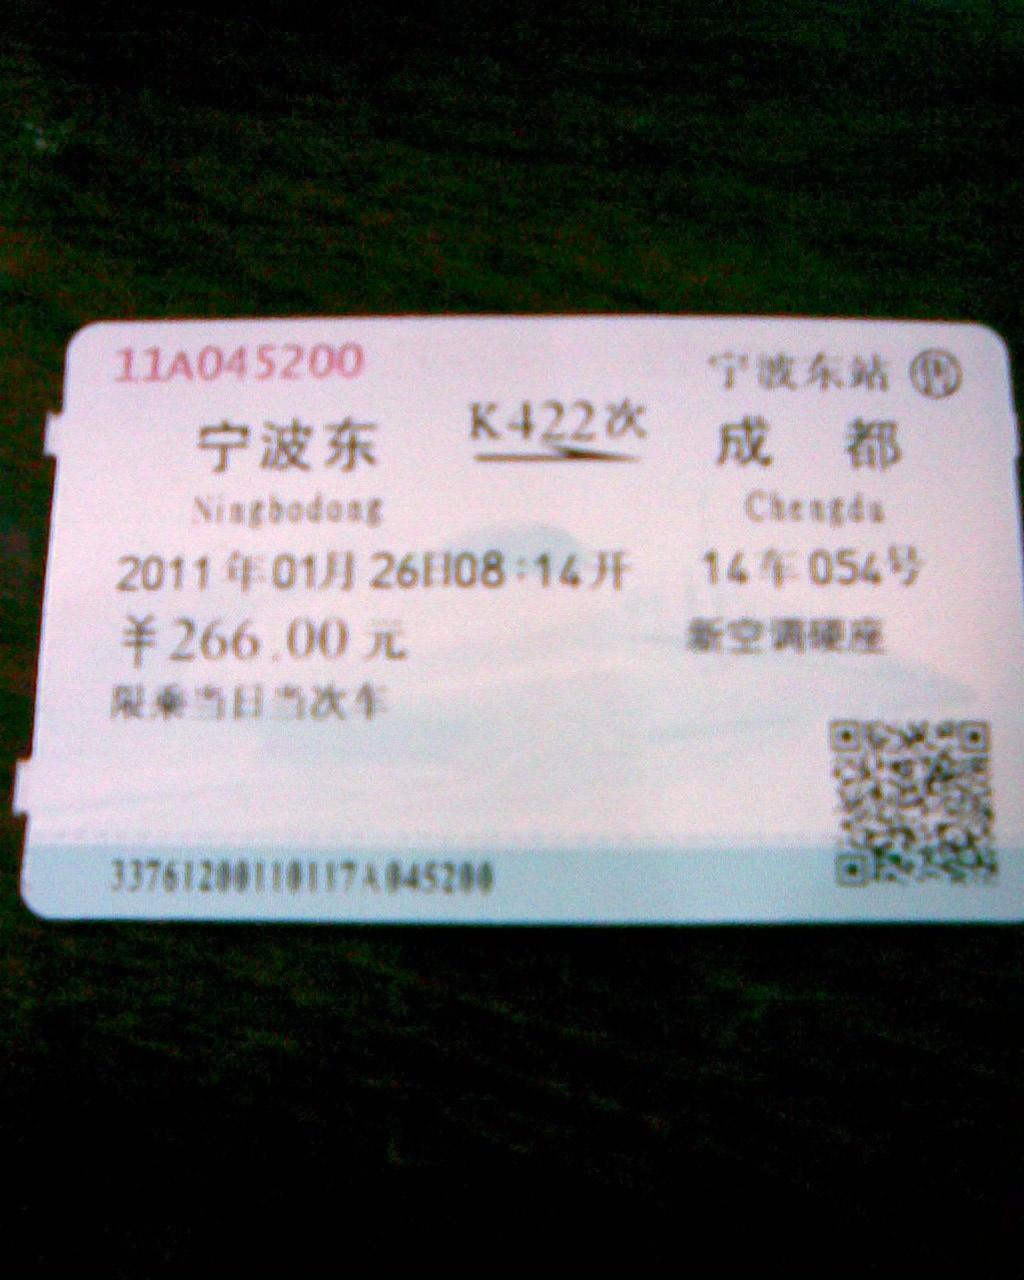 转让1月26日宁波到成都空调硬座火车票一张